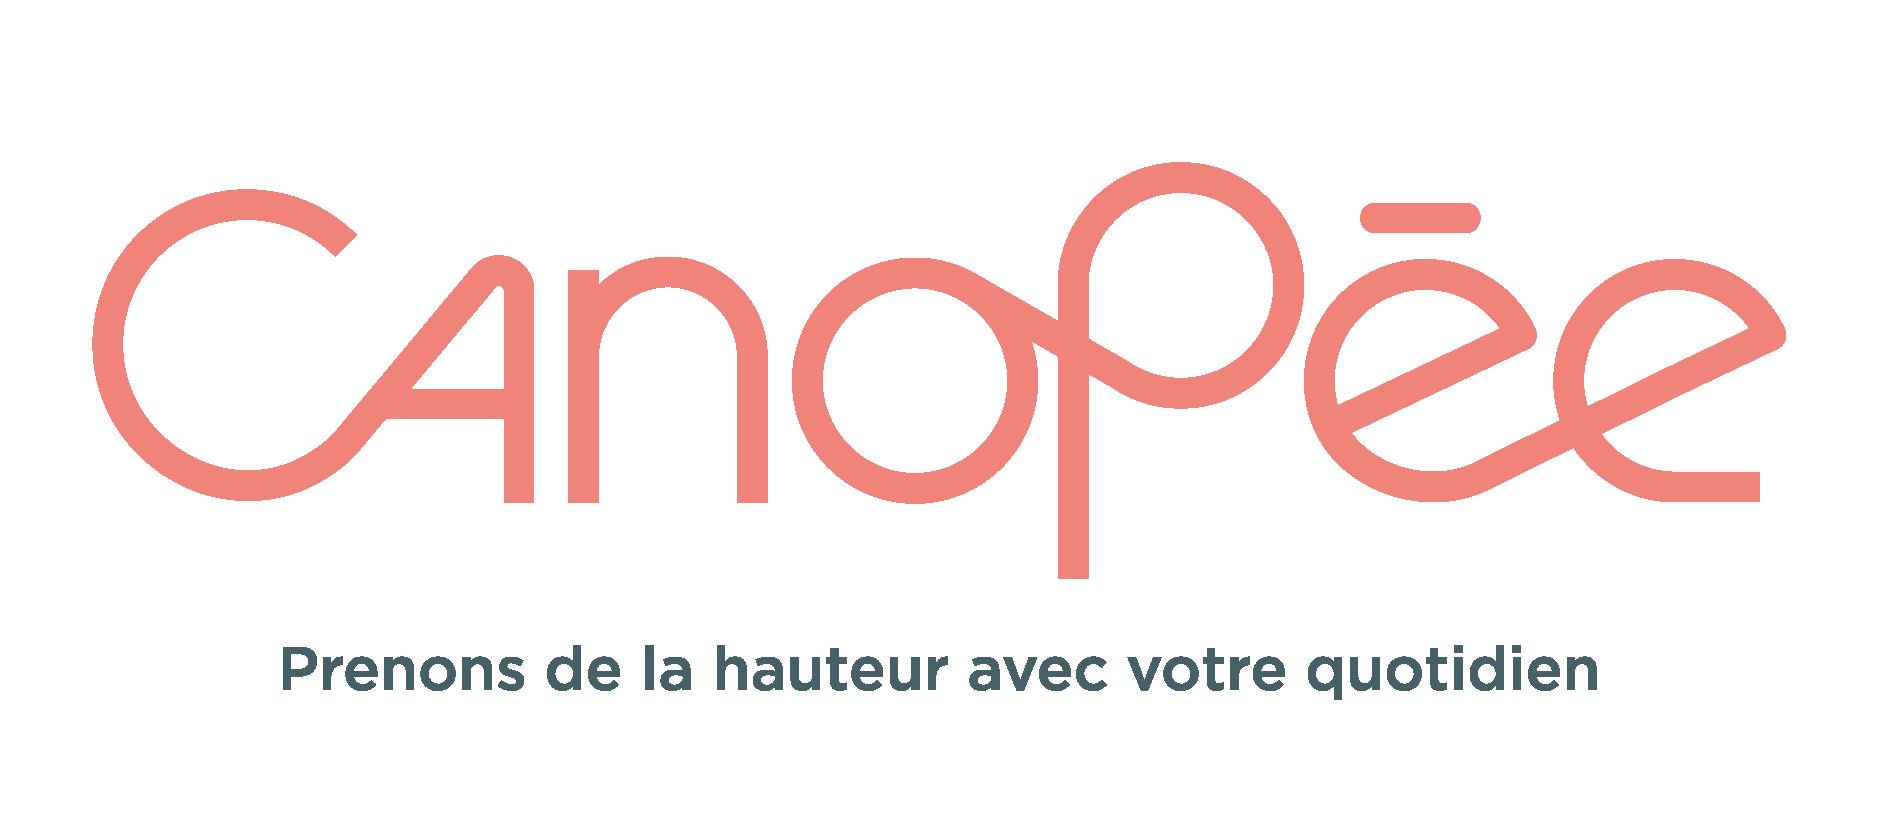 Logo de Canopée